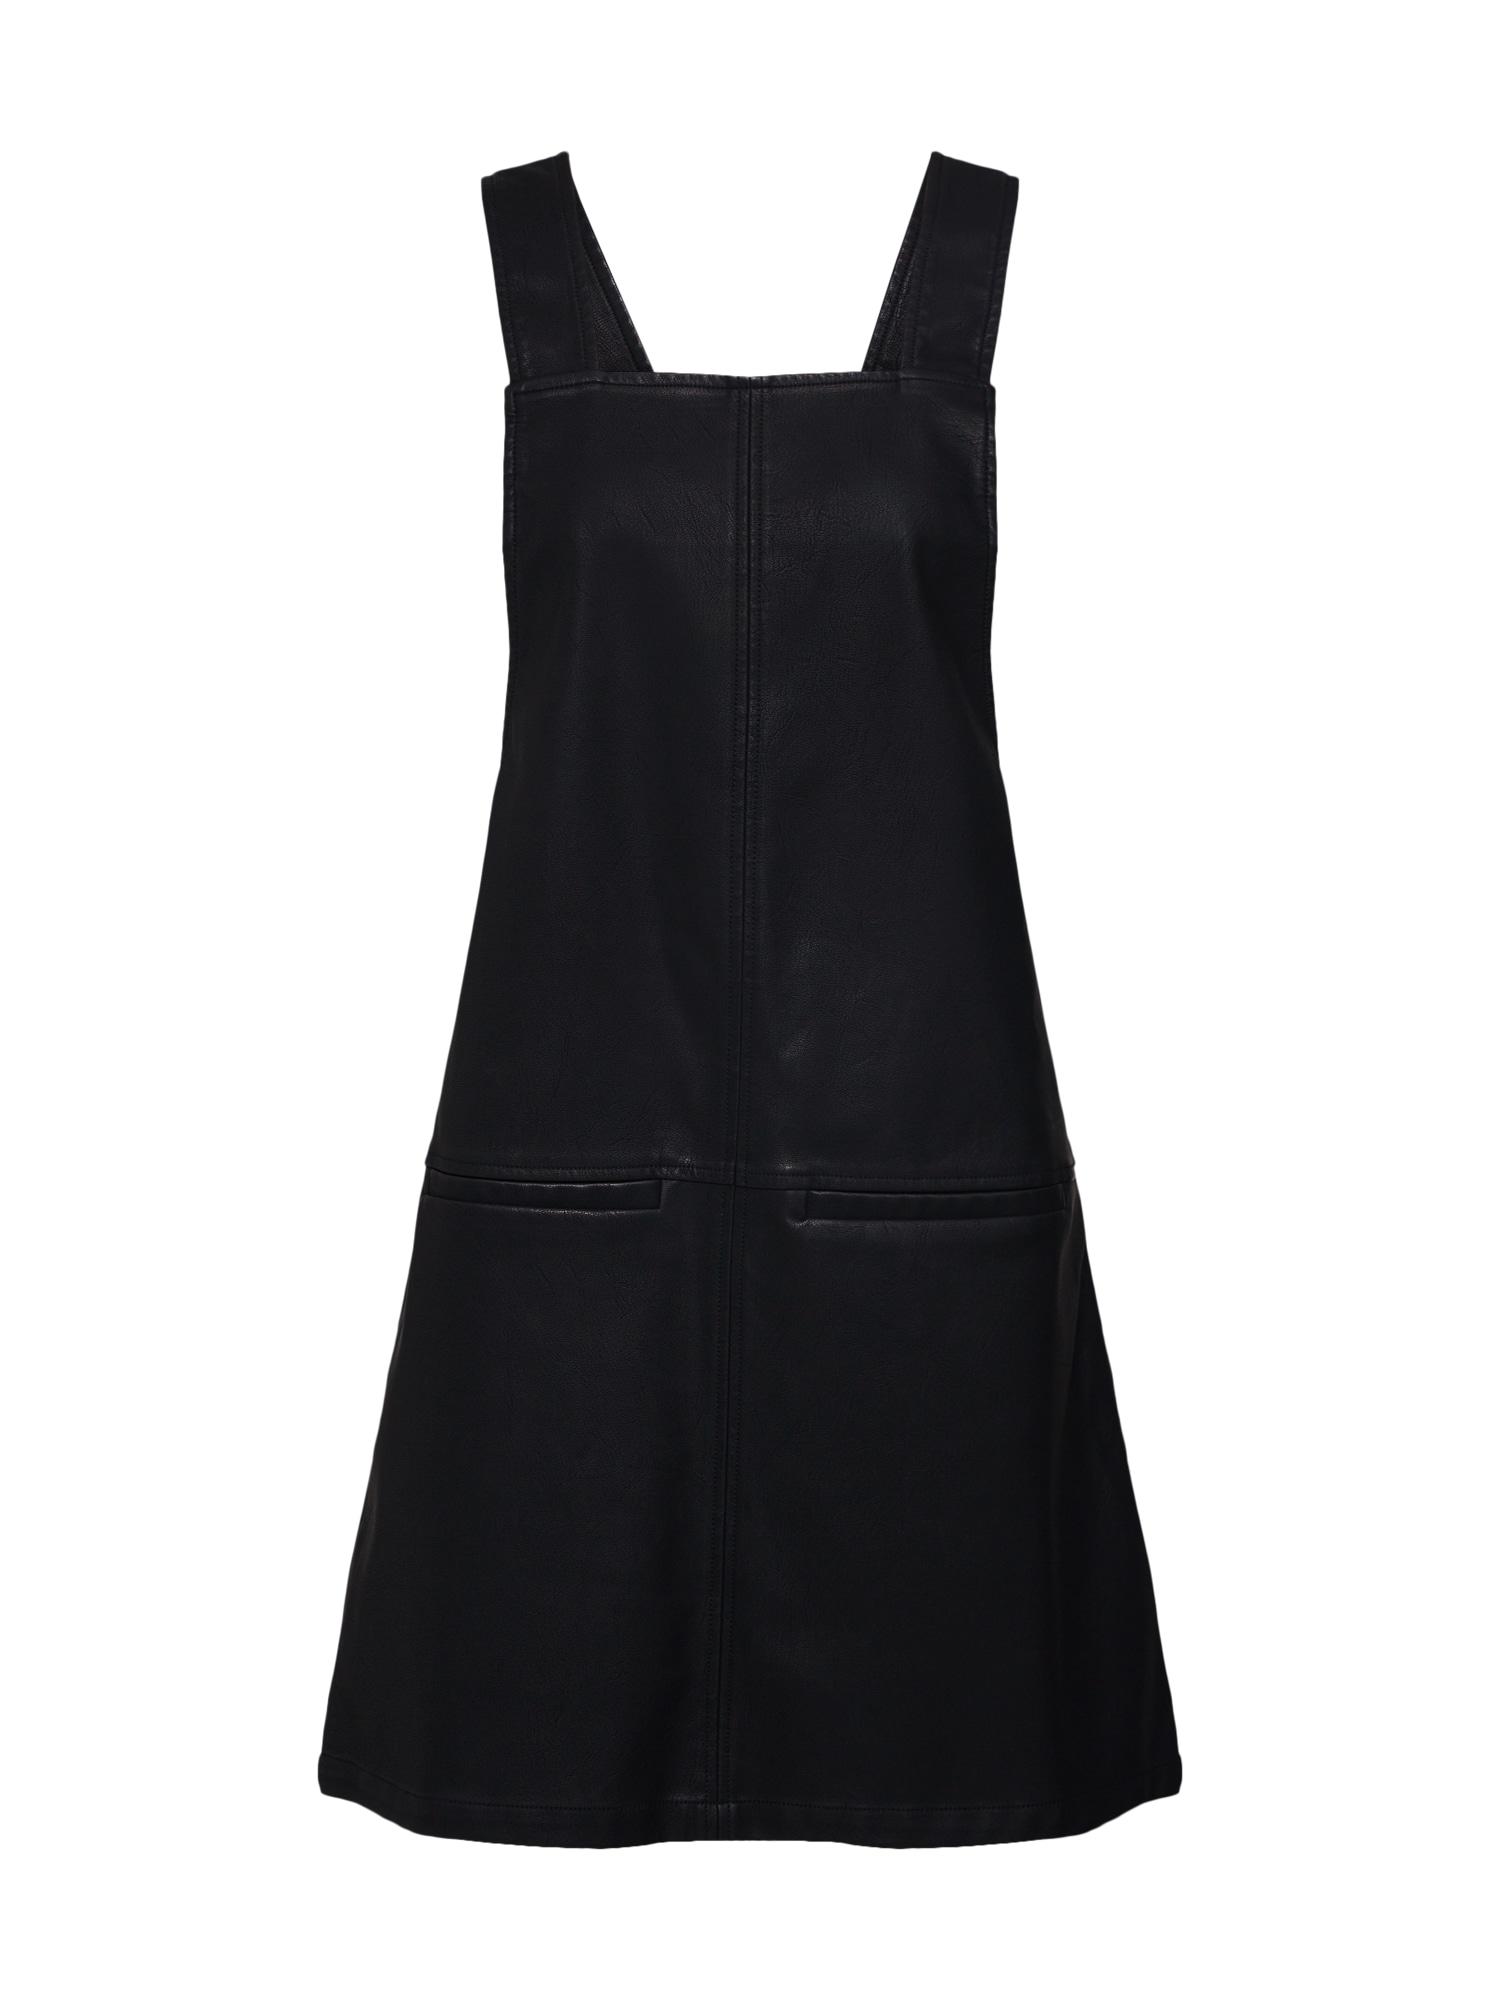 Laclová sukně PINNY černá NEW LOOK